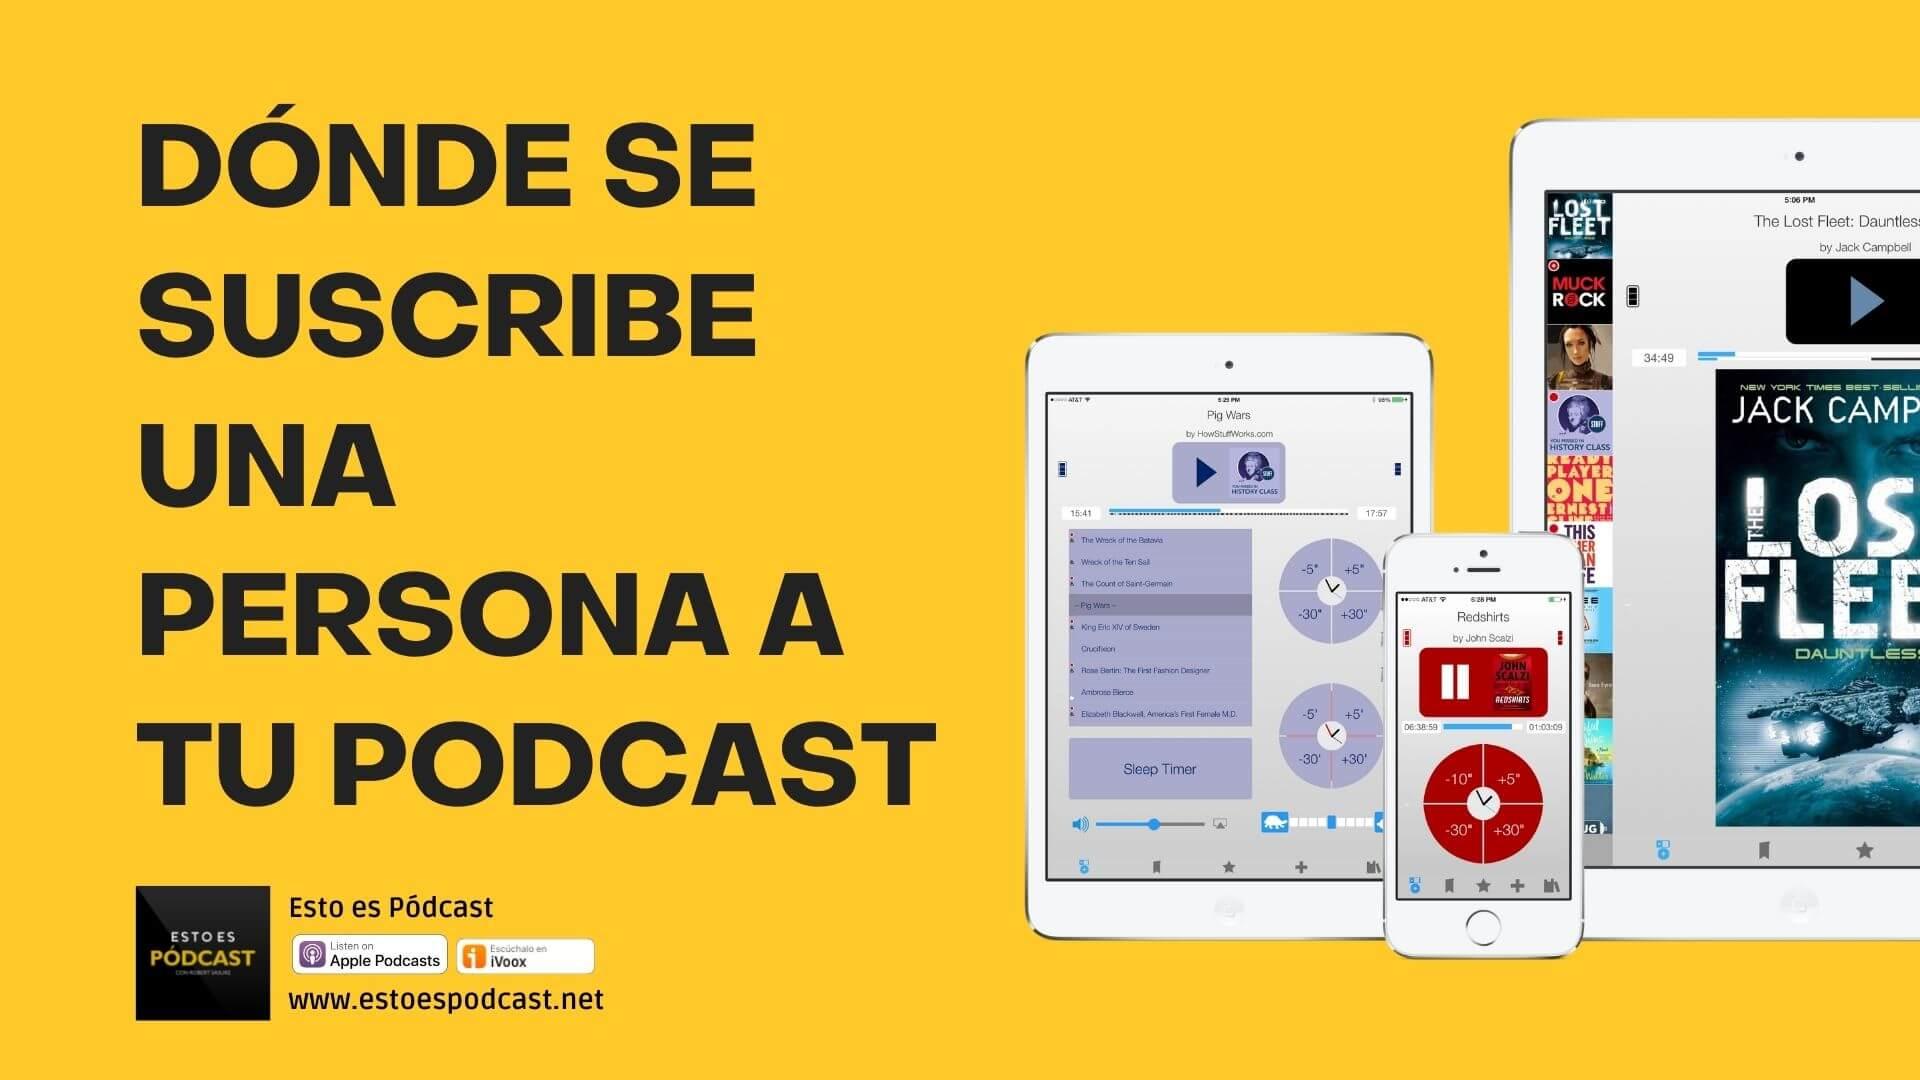 162. ¿Adonde le digo al oyente que se suscriba a mi podcast?